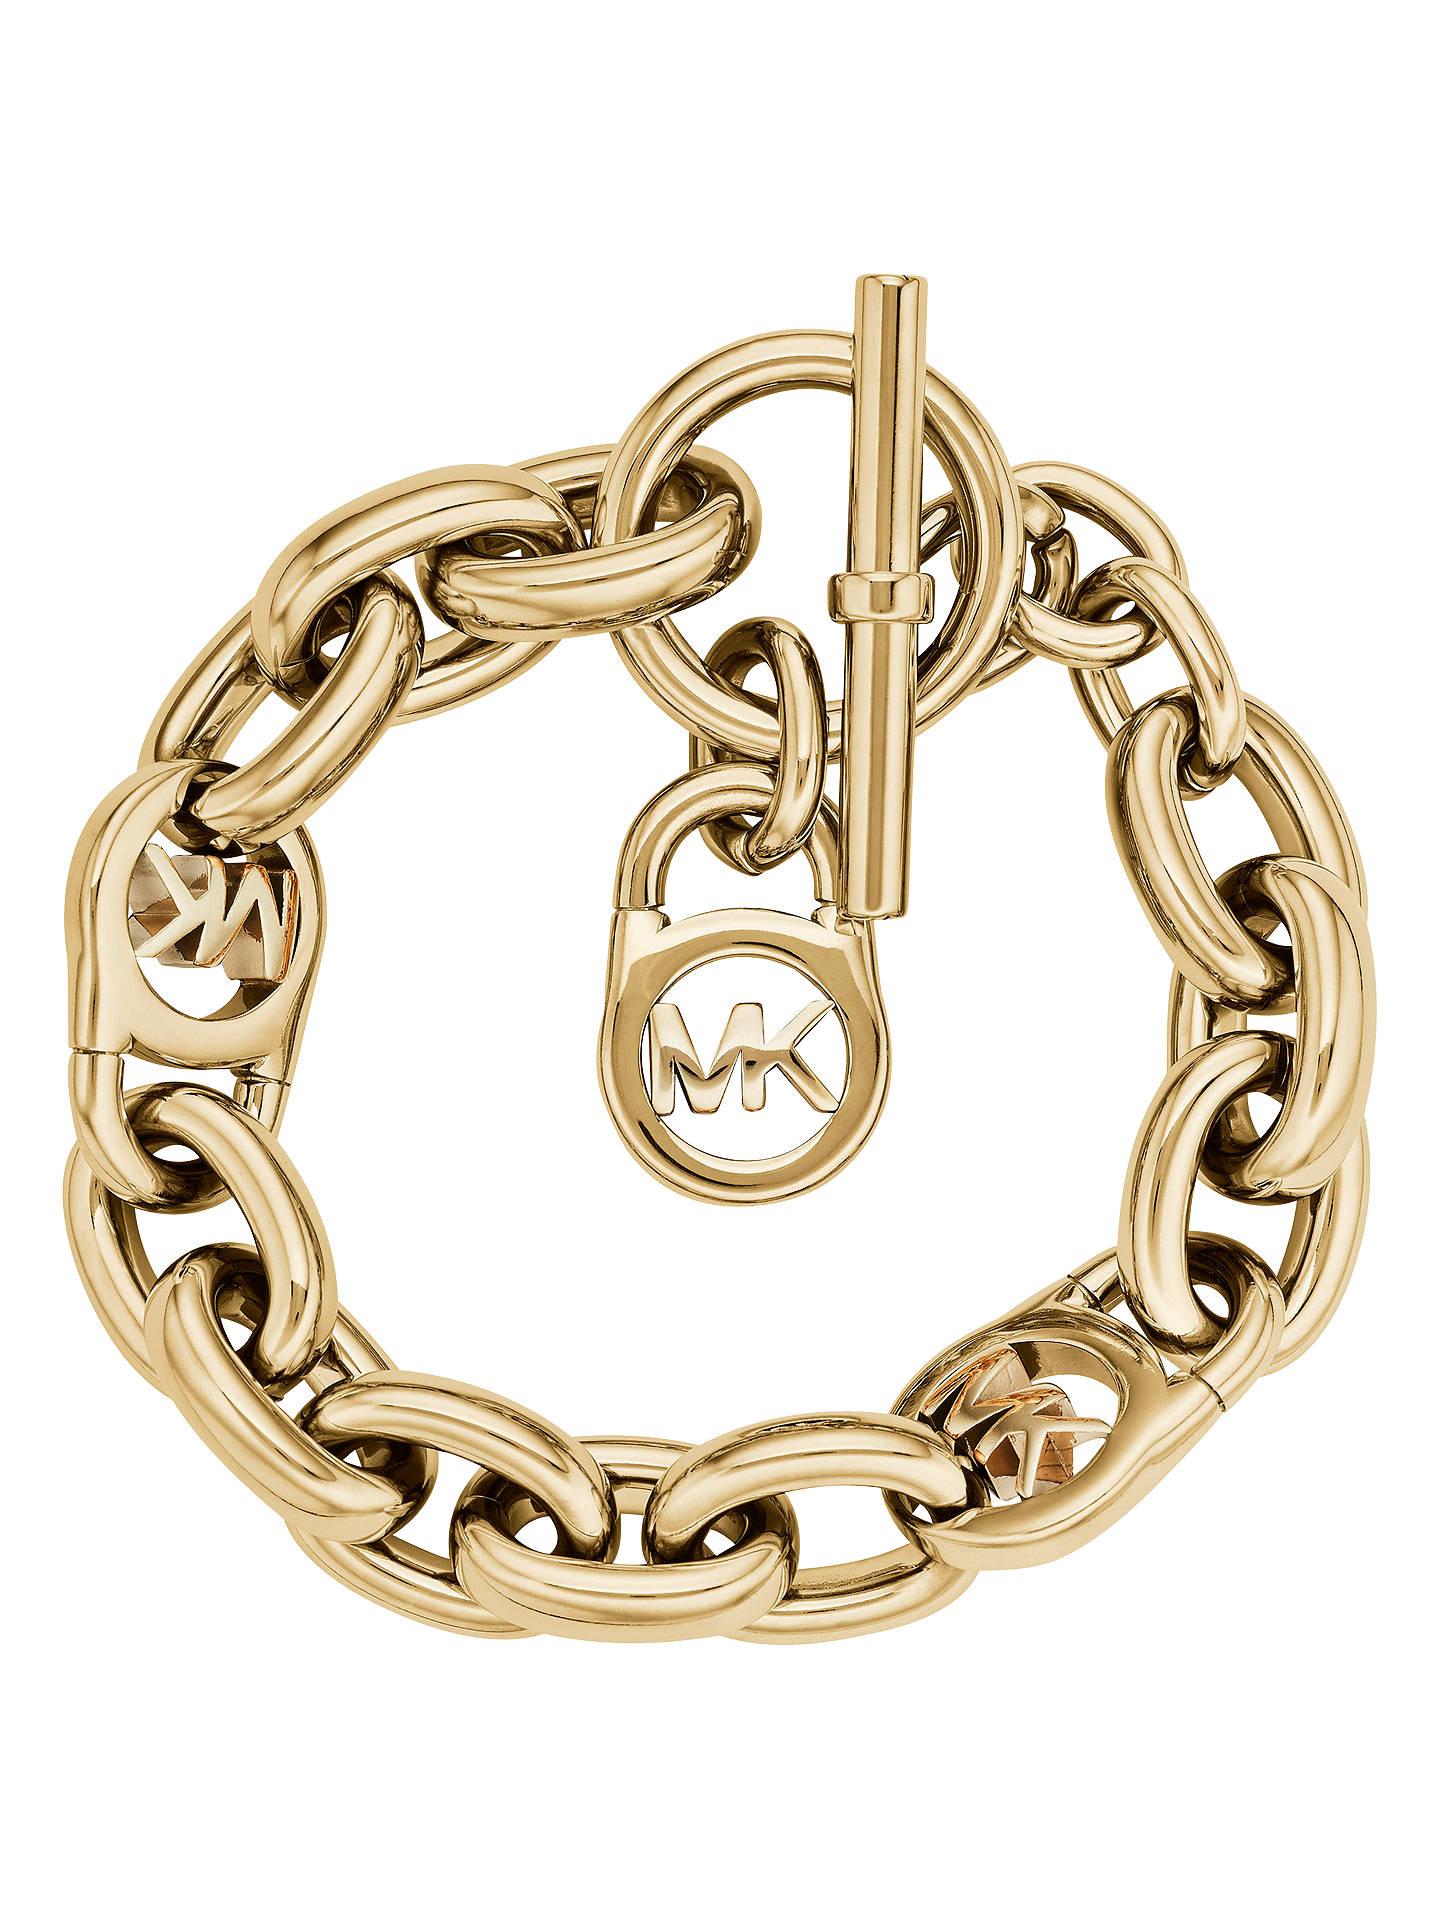 563c7ee9b6ae Michael Kors MK Link Bracelet at John Lewis   Partners